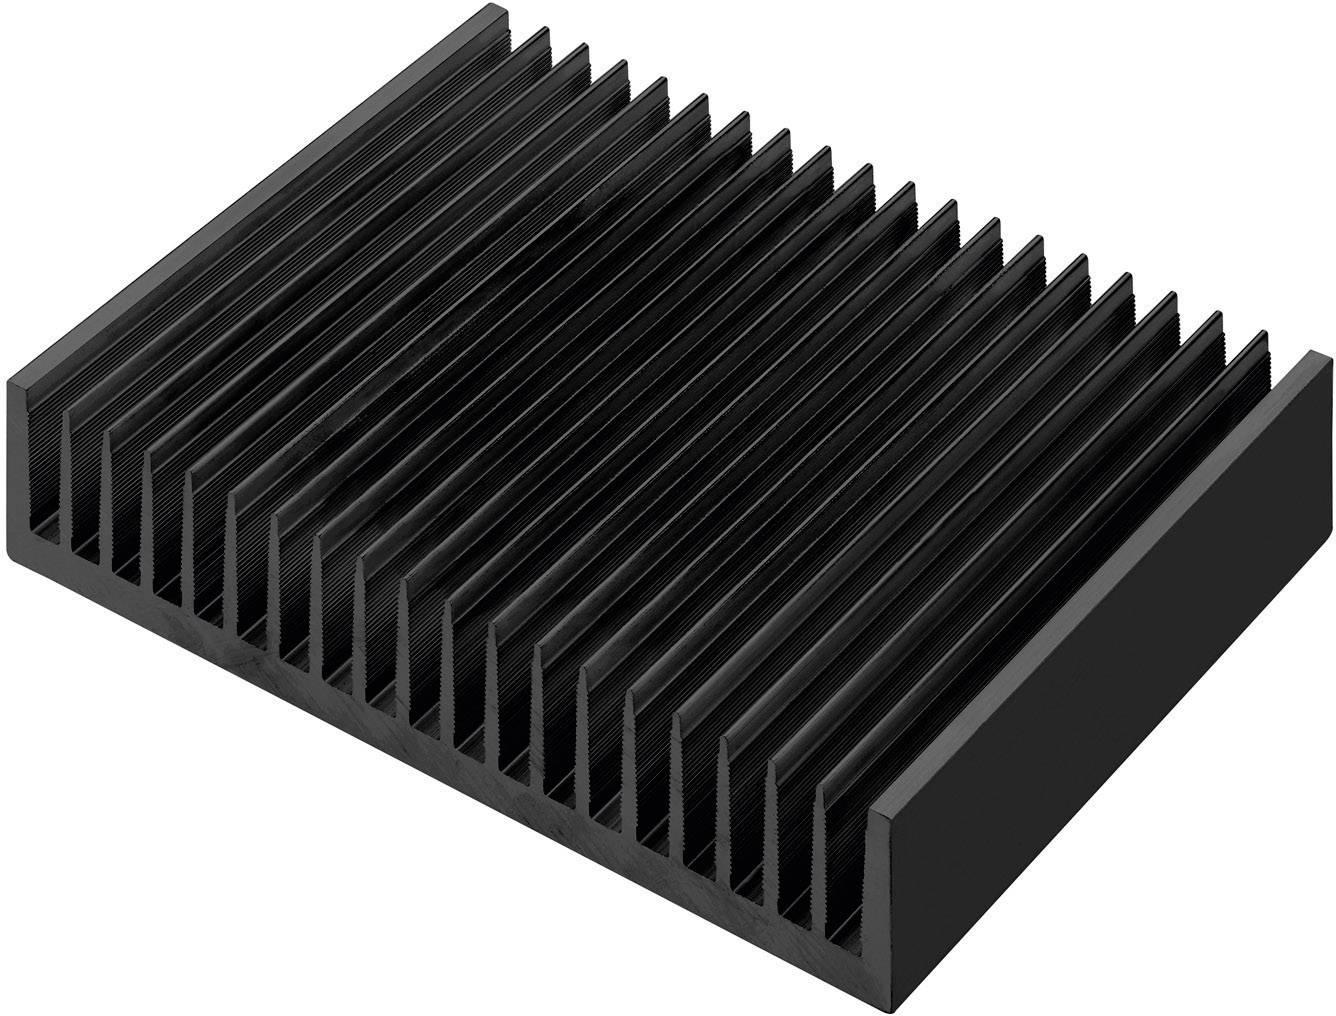 Profilový chladič Pada Engineering 8071/75/N, 200 x 40 x 75 mm, 1,06 K/W